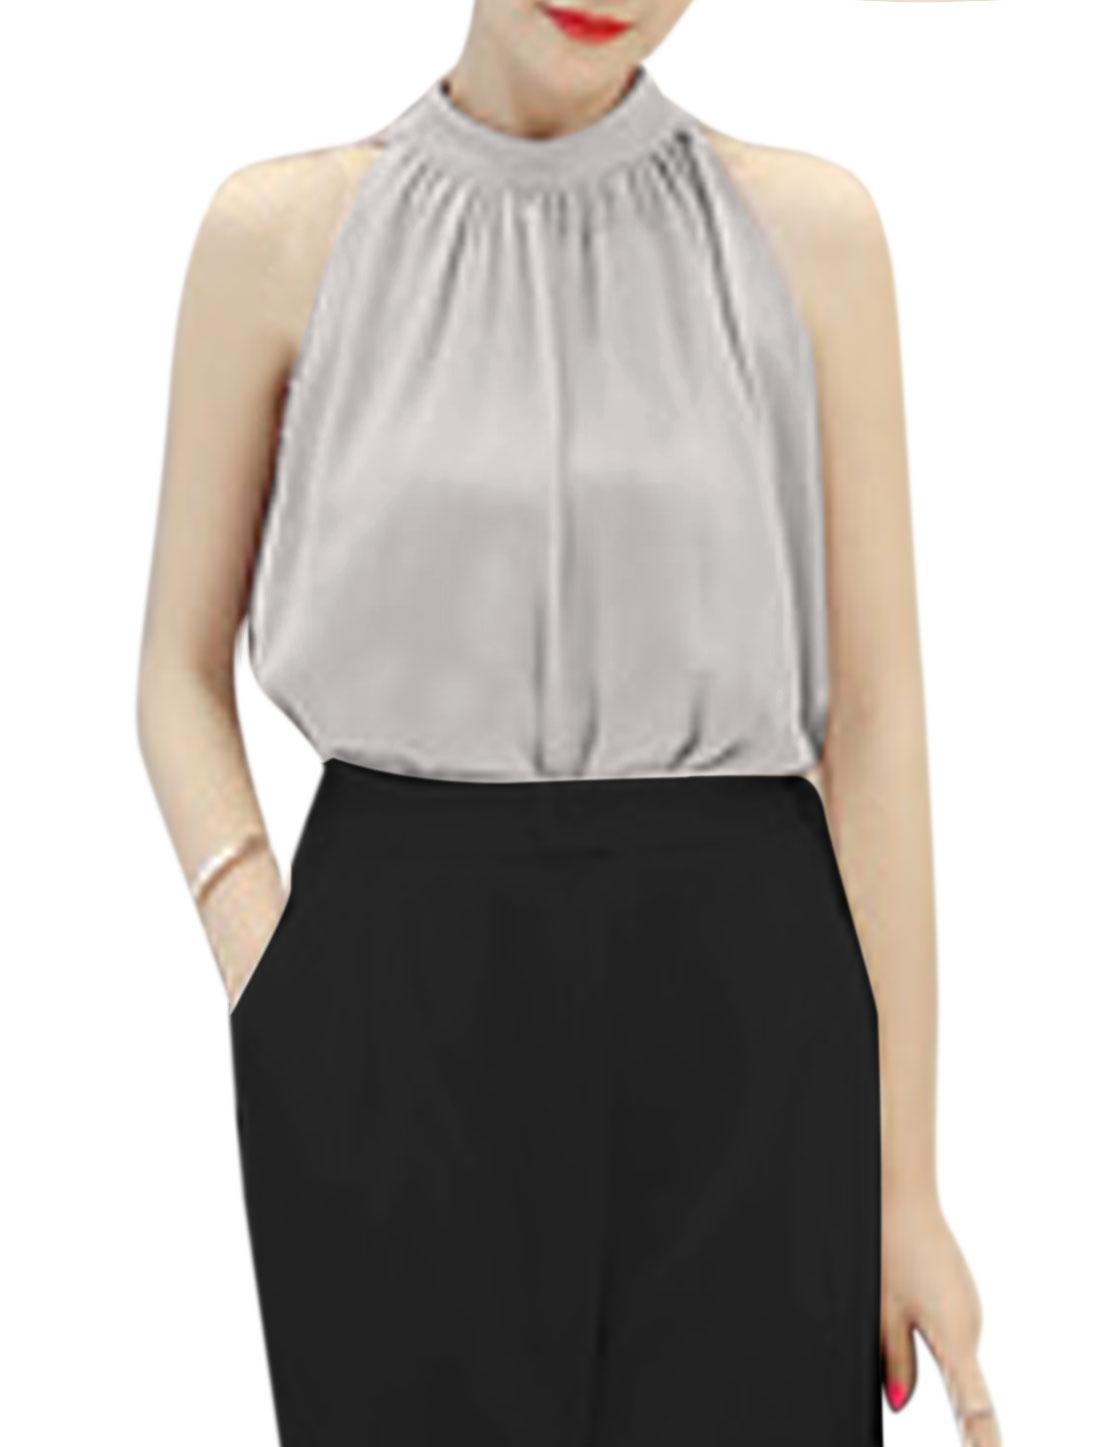 Women Stand Collar Sleeveless Chiffon Blouse Gray XS